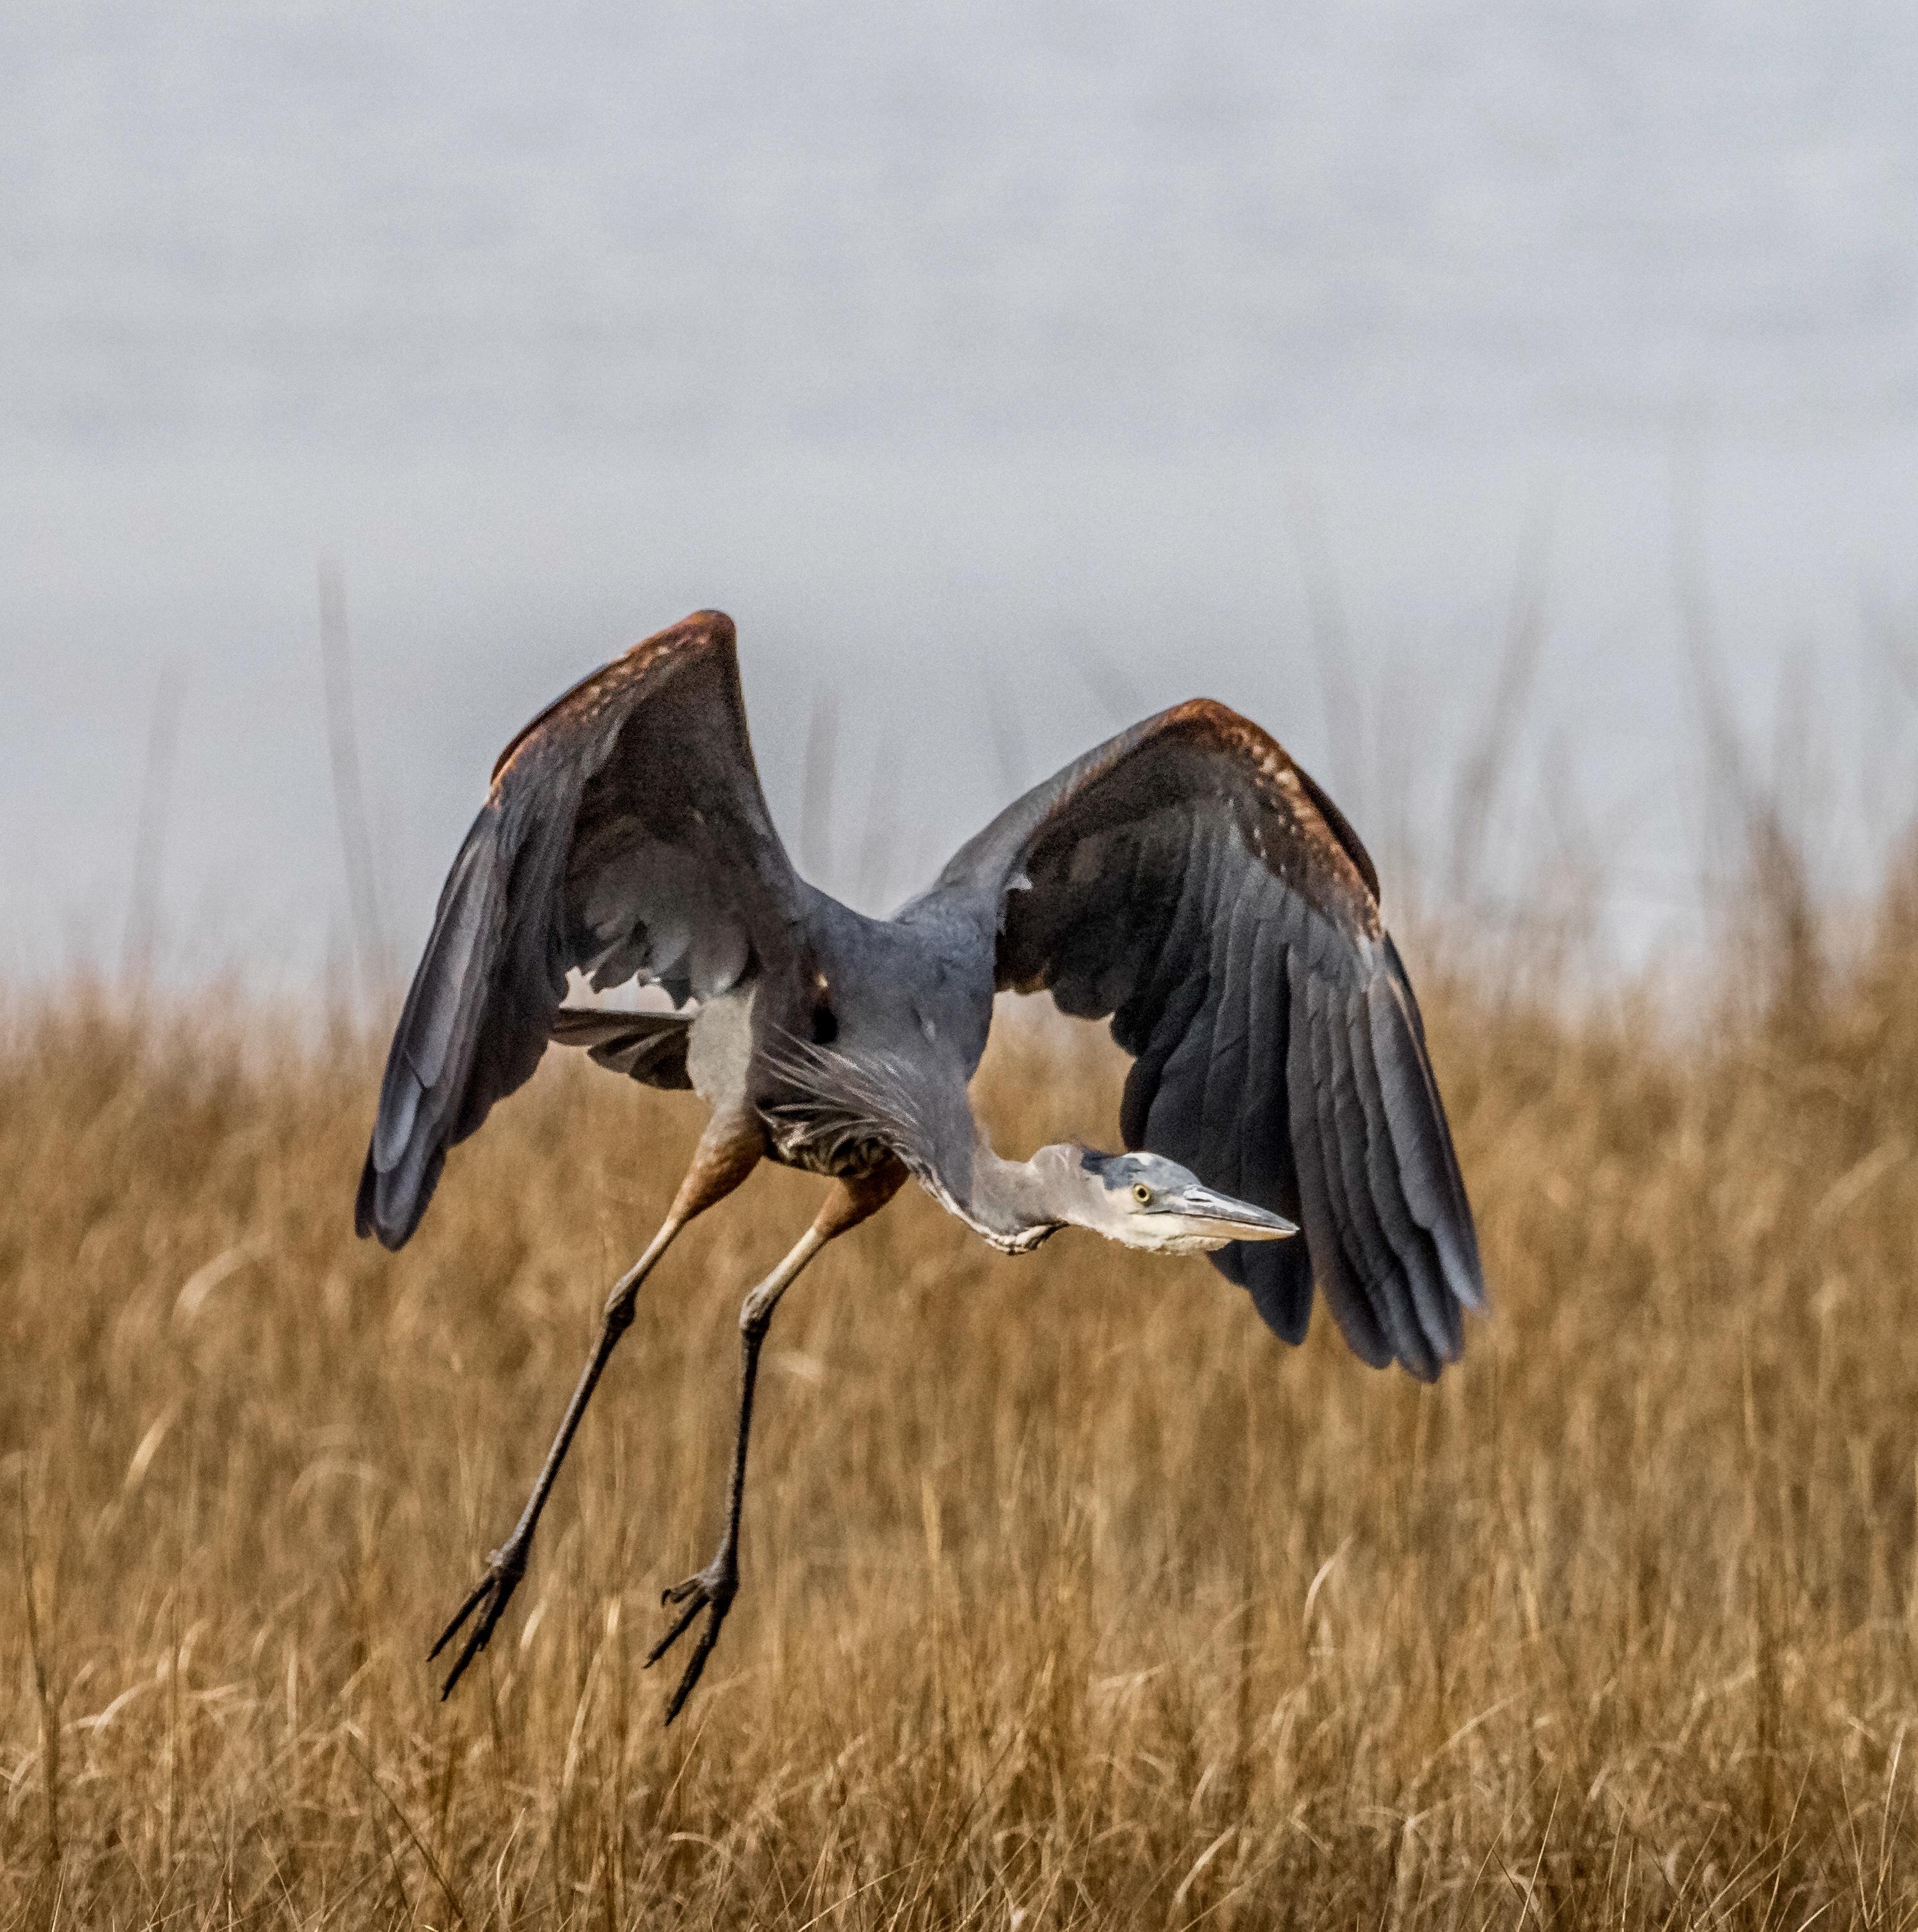 Little Blue Heron in Flight over Salt Marsh